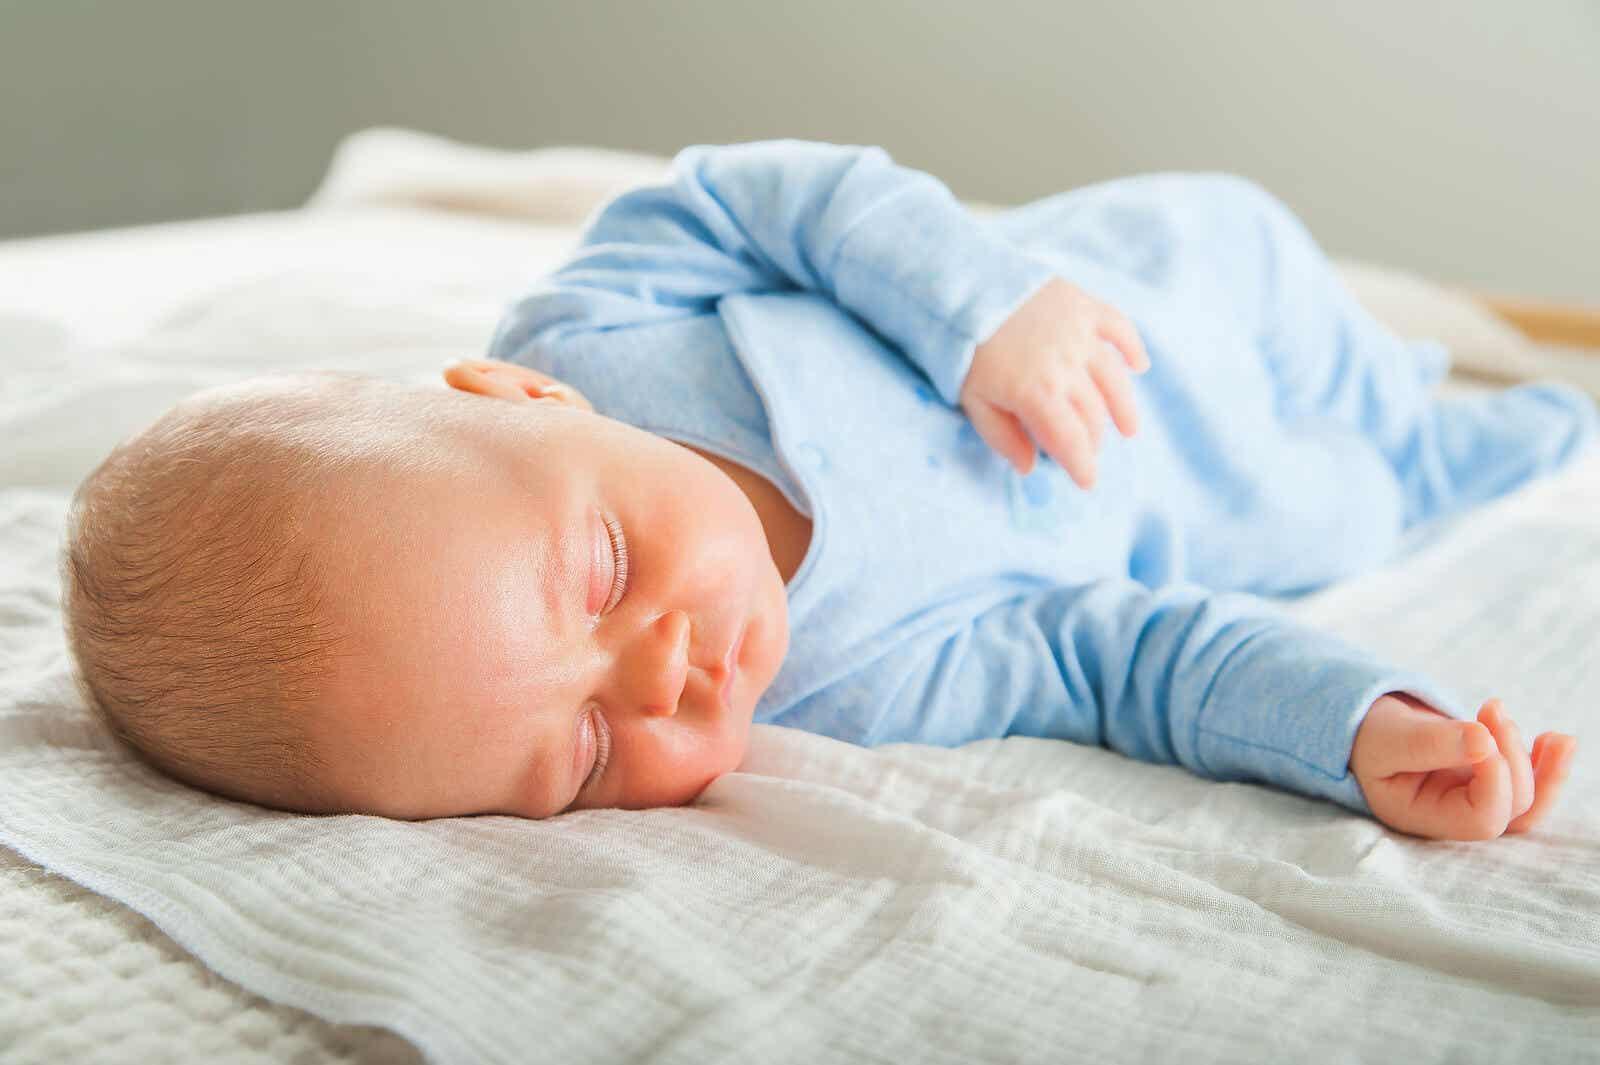 Dziecko śpi spokojnie.